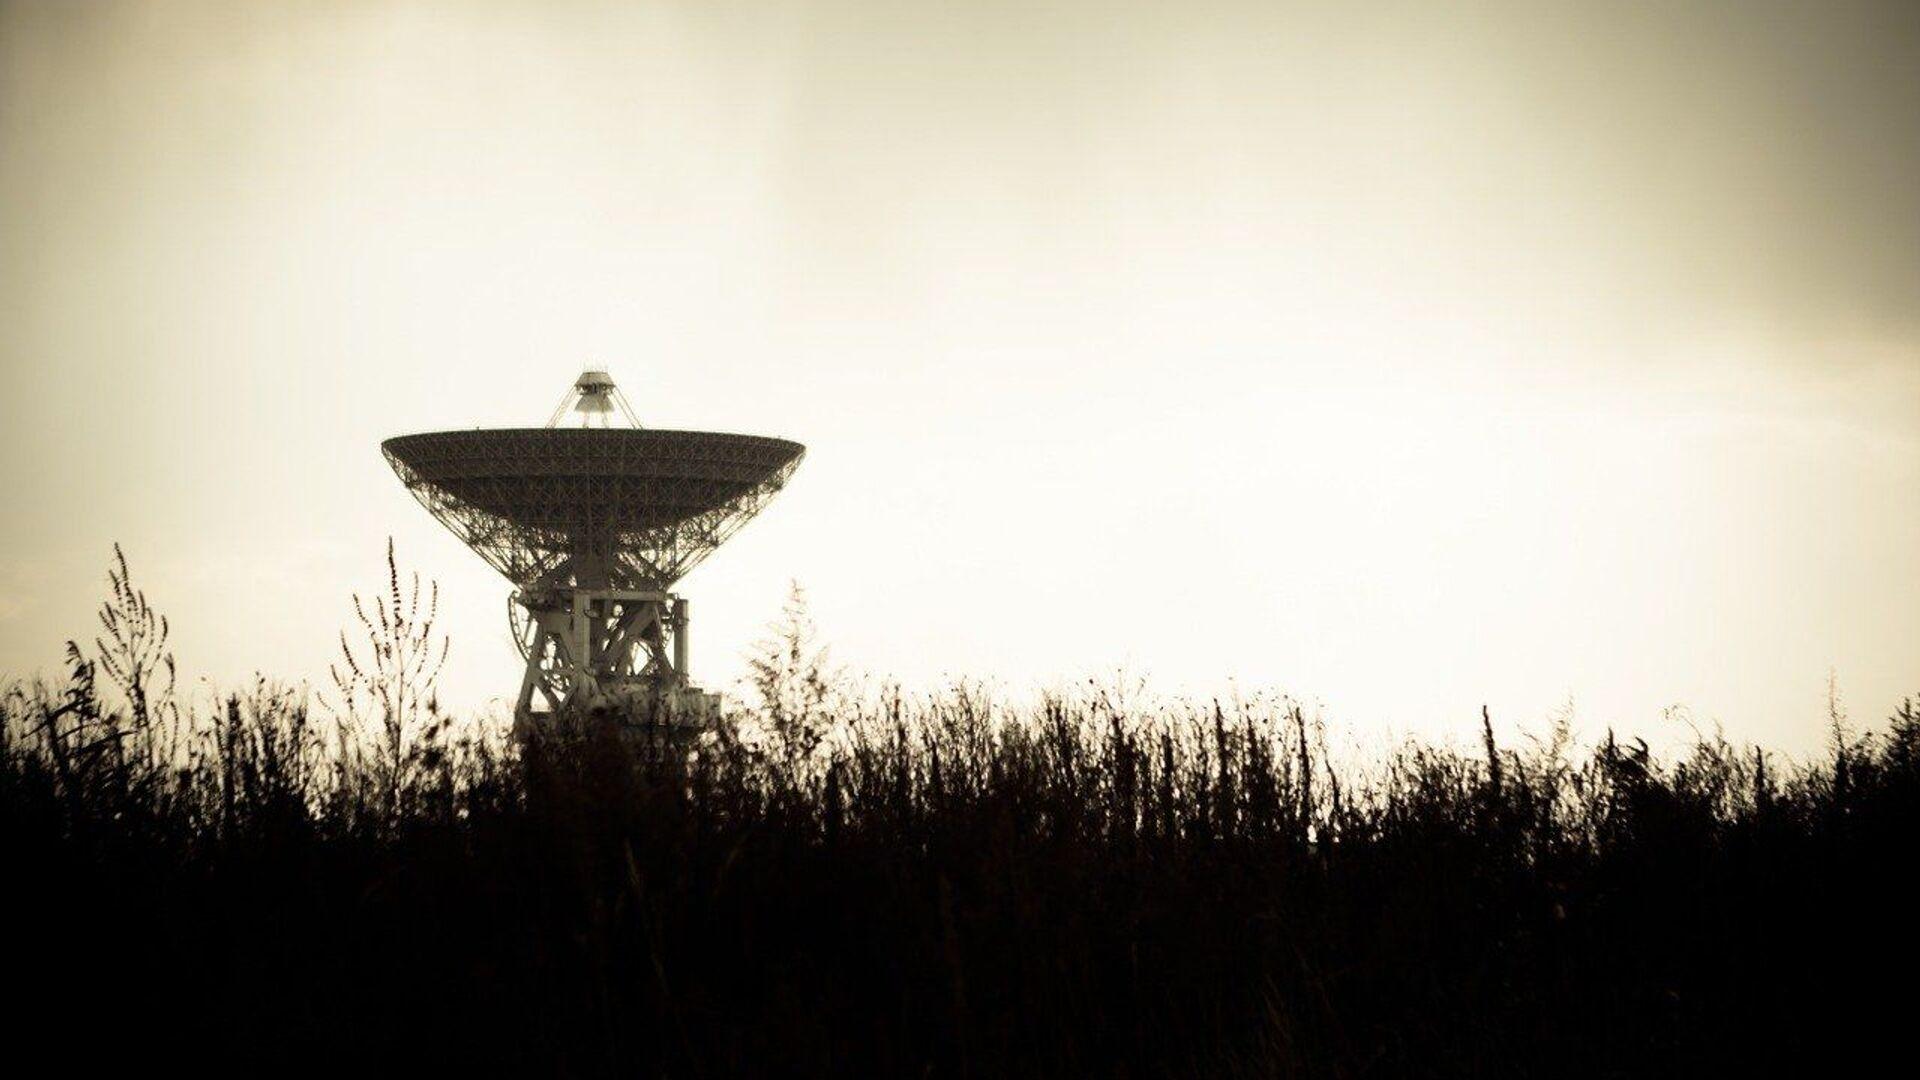 Un telescopio espacial, referencial - Sputnik Mundo, 1920, 07.07.2021